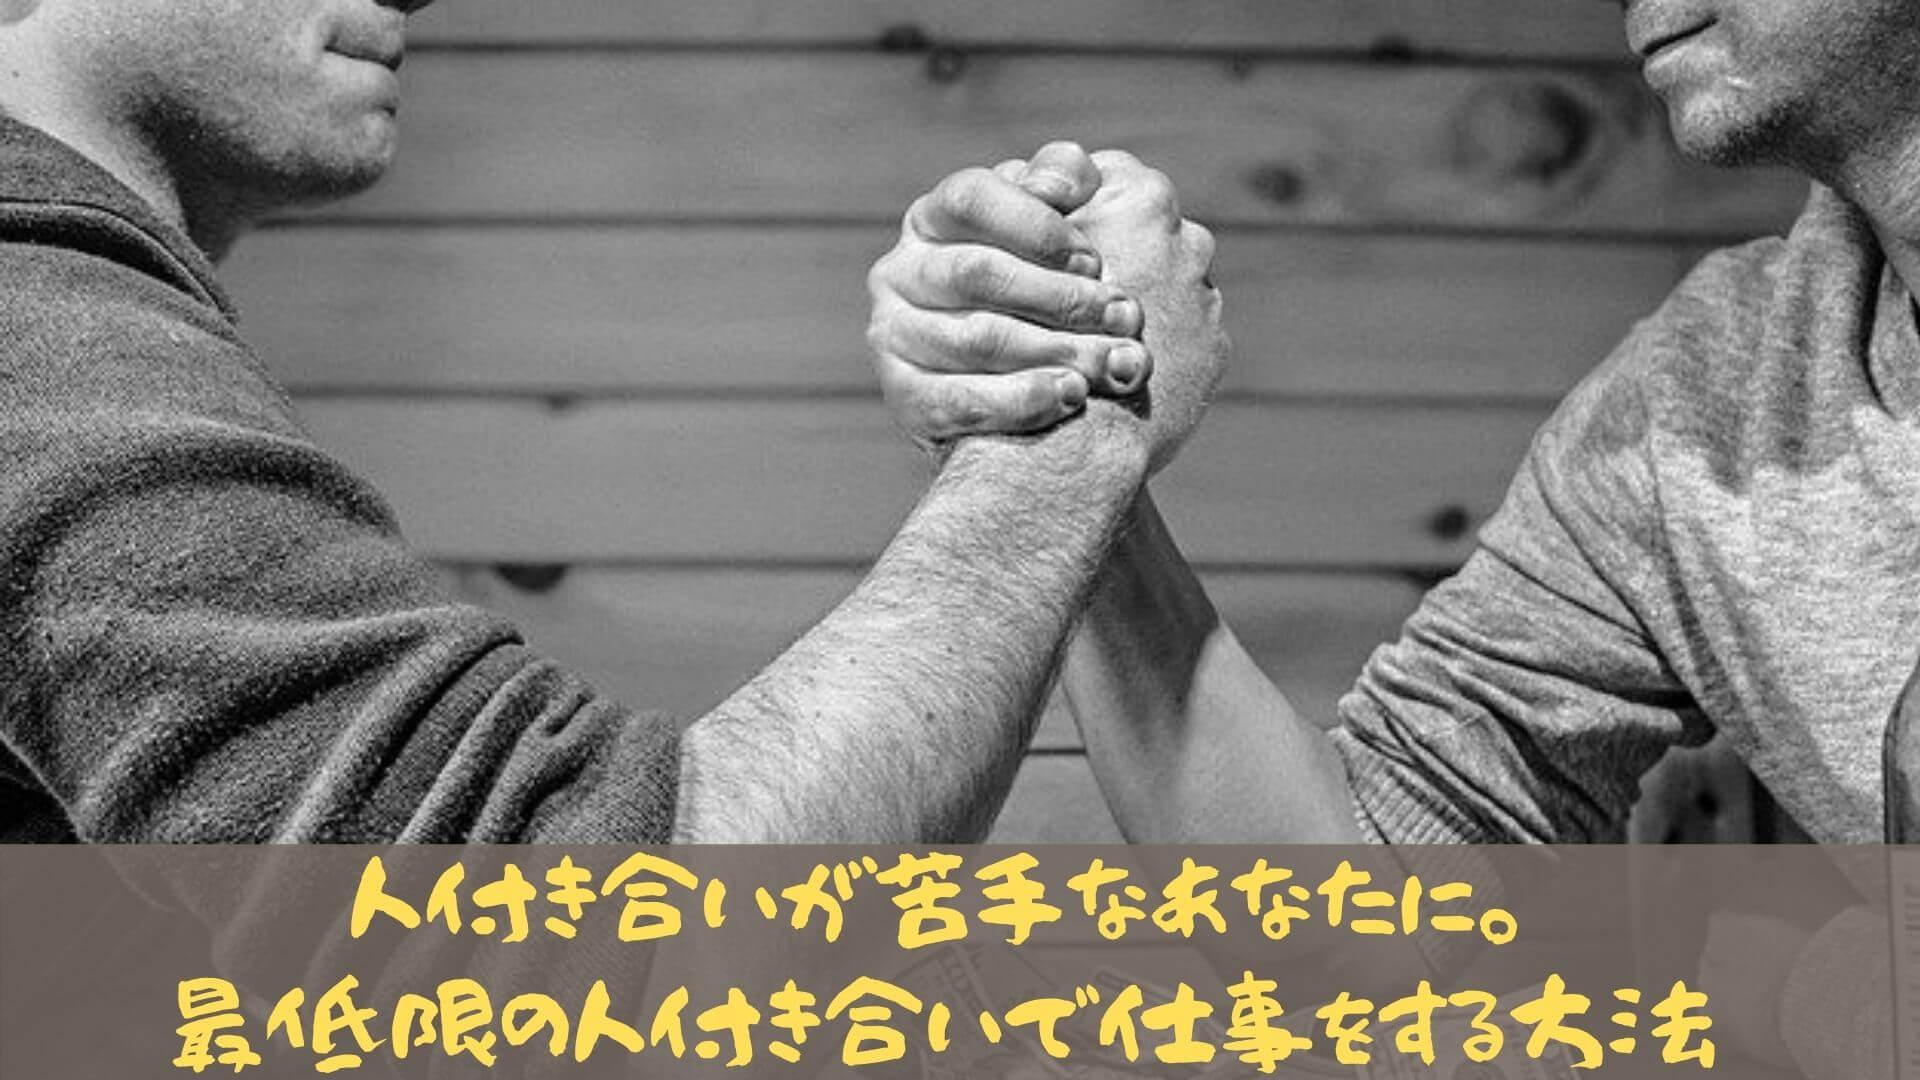 人付き合いが苦手な人が仕事を上手に進めるには【最低限で行こう】